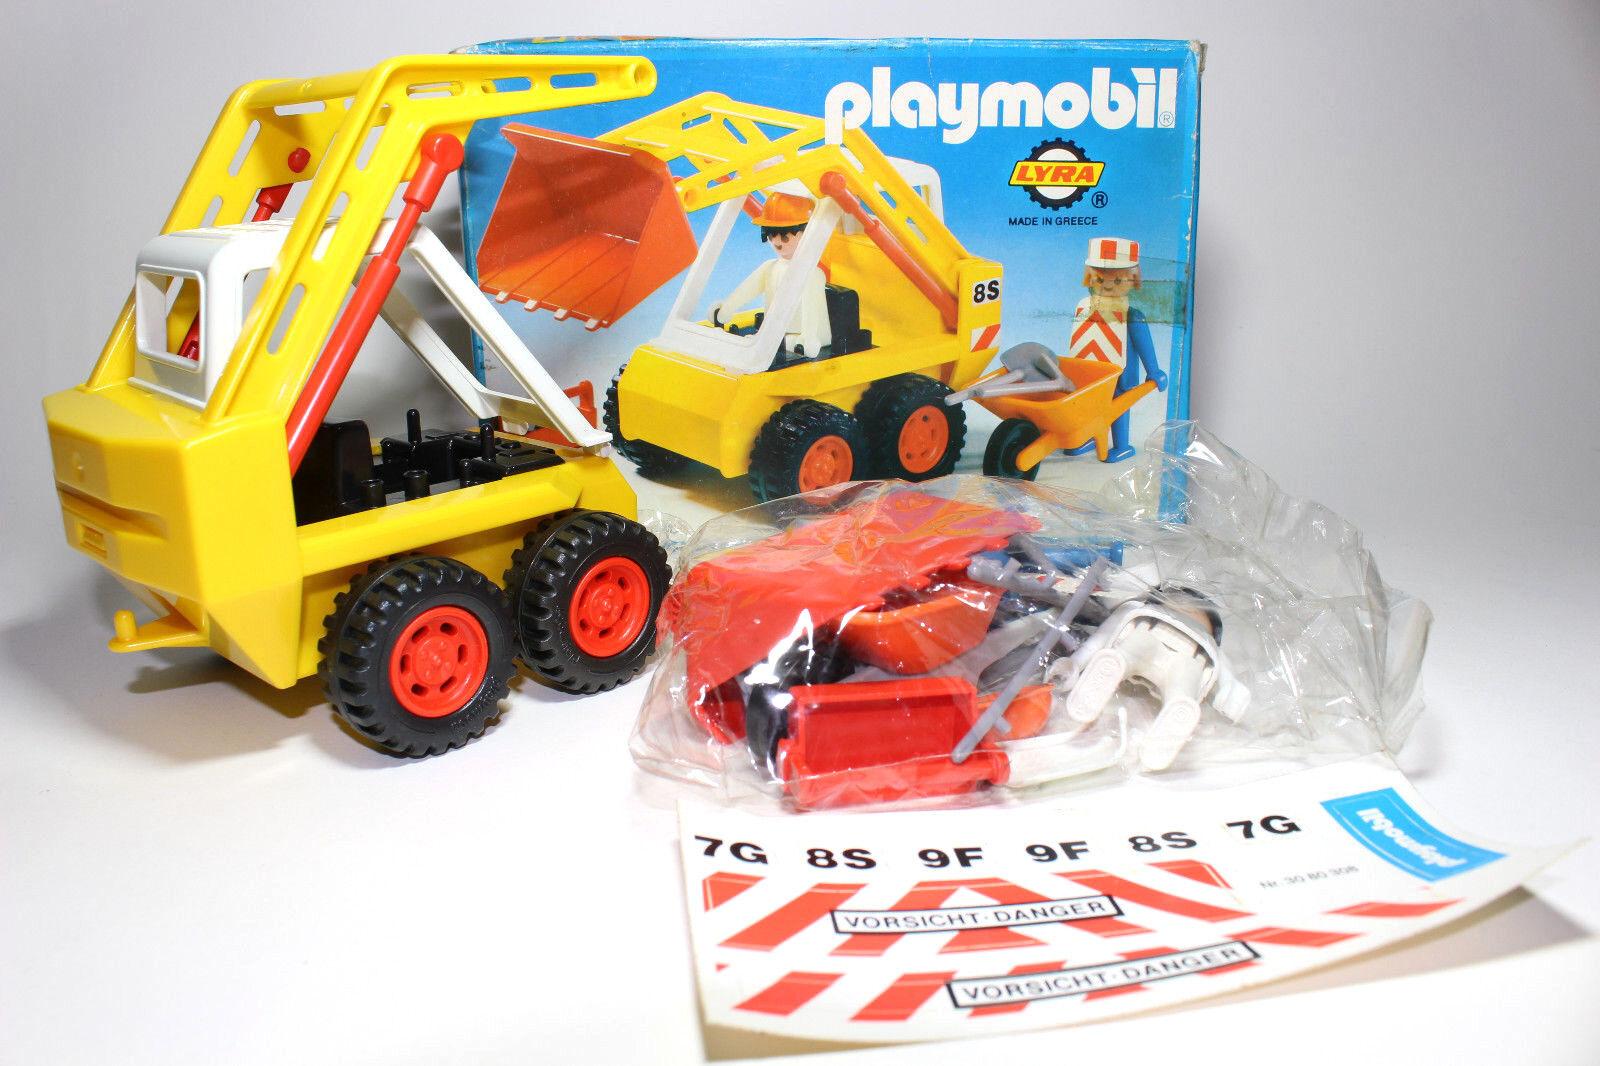 MYCKET RARE Bulldozer spelabilen Nr 3507 LYRA GREKLAND 1980 Ekonsthworkers SEALD BAG